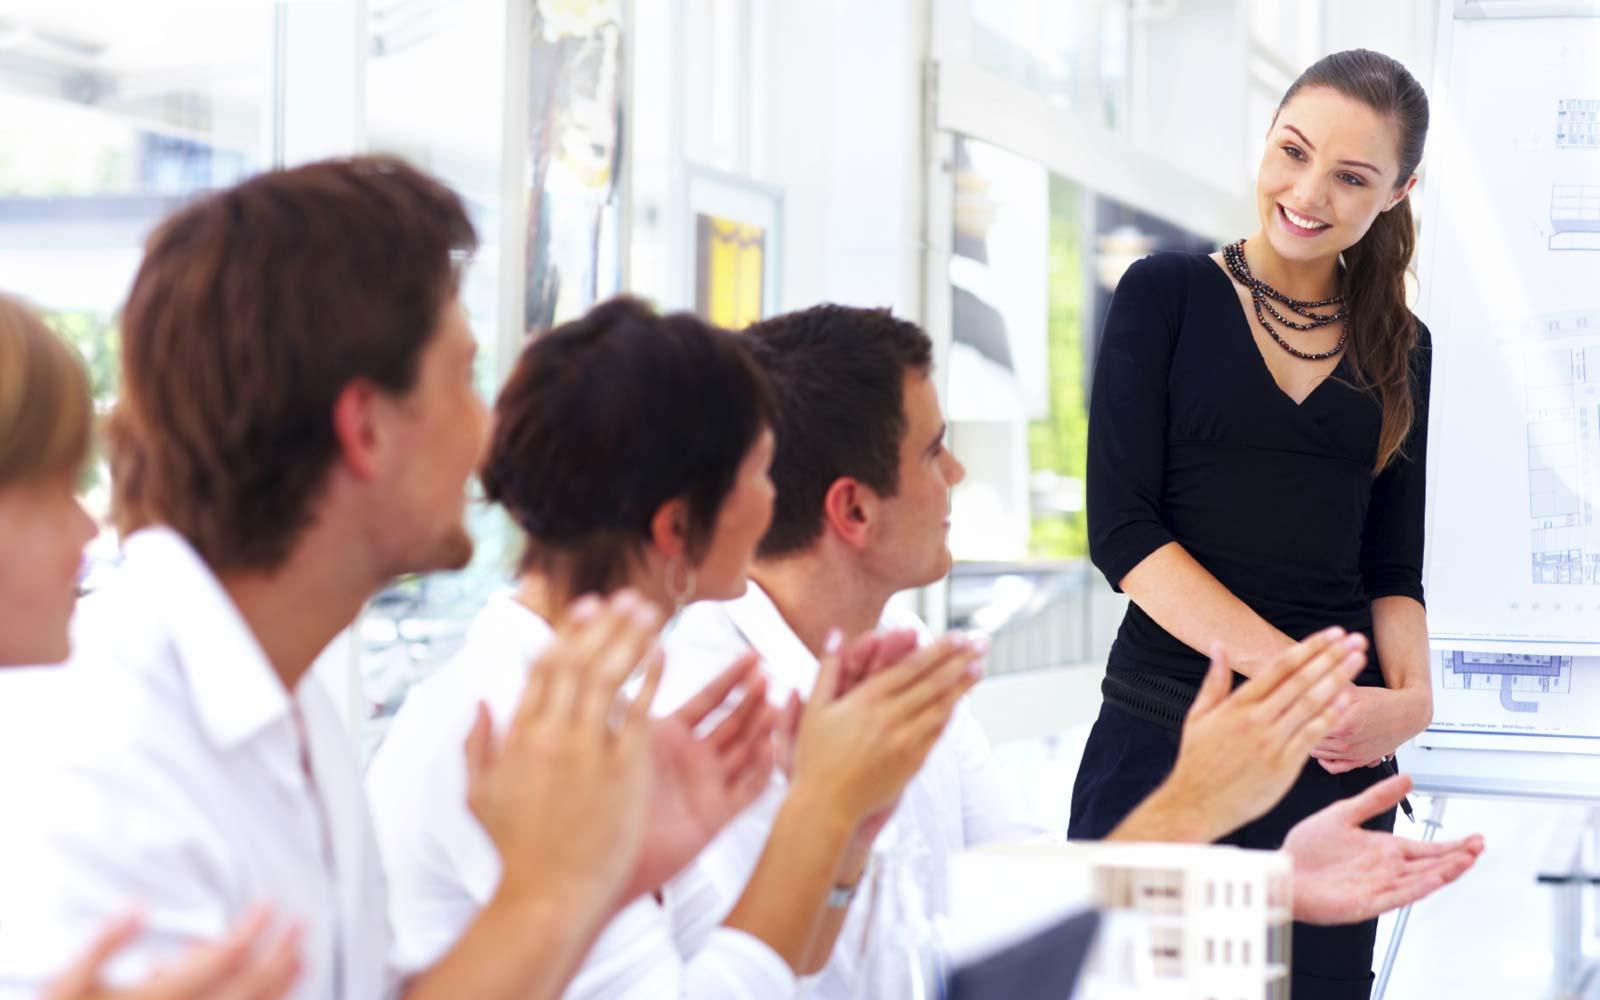 общение, одобрение, как понравиться окружающим